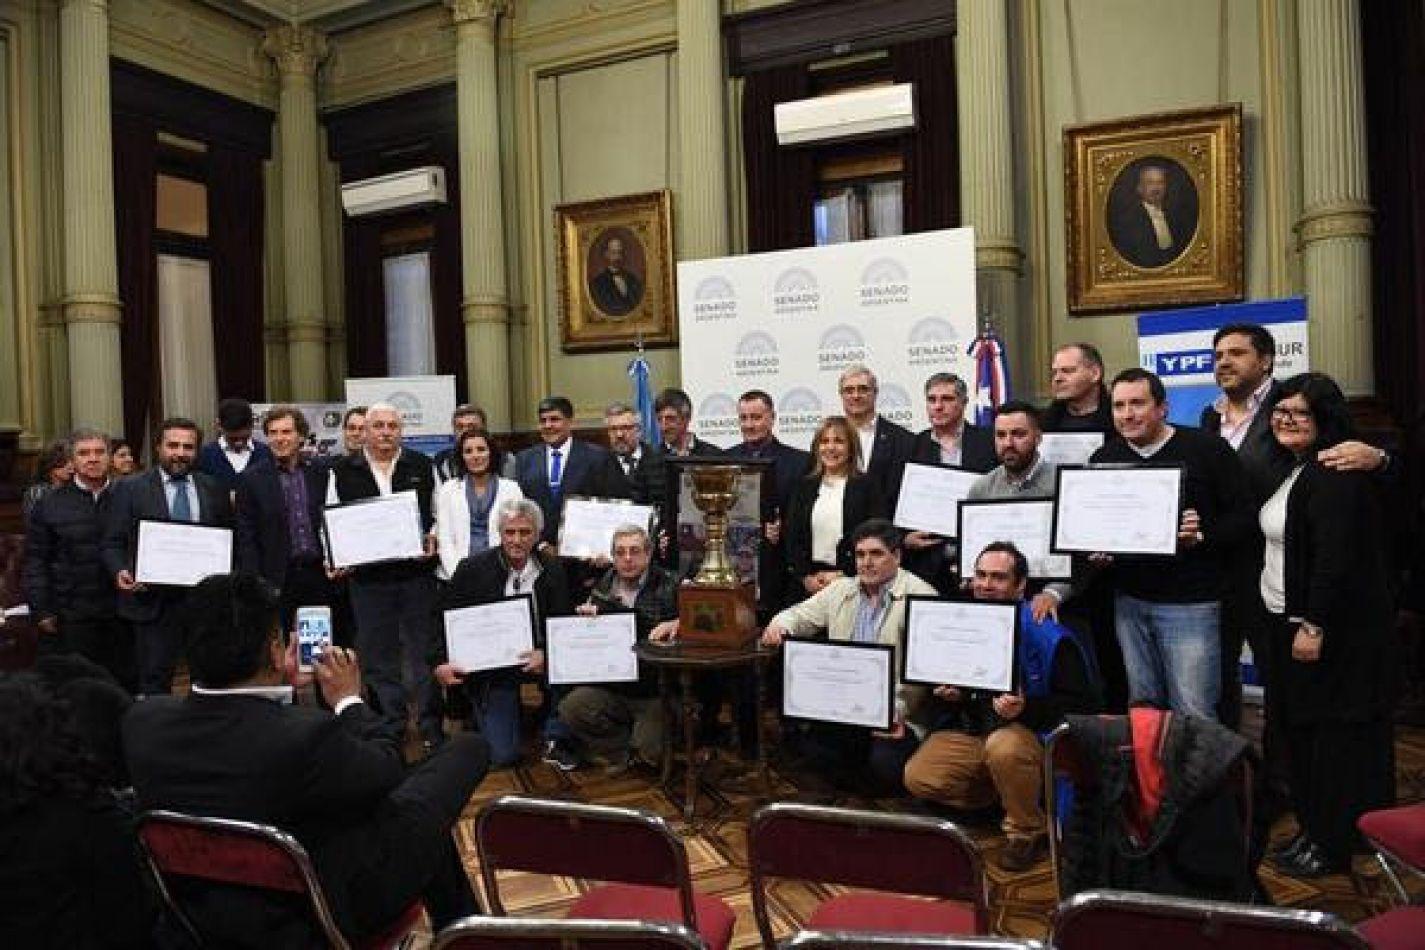 Presentación en el Senado  del Gran  Premio La Hrrmandad 2018